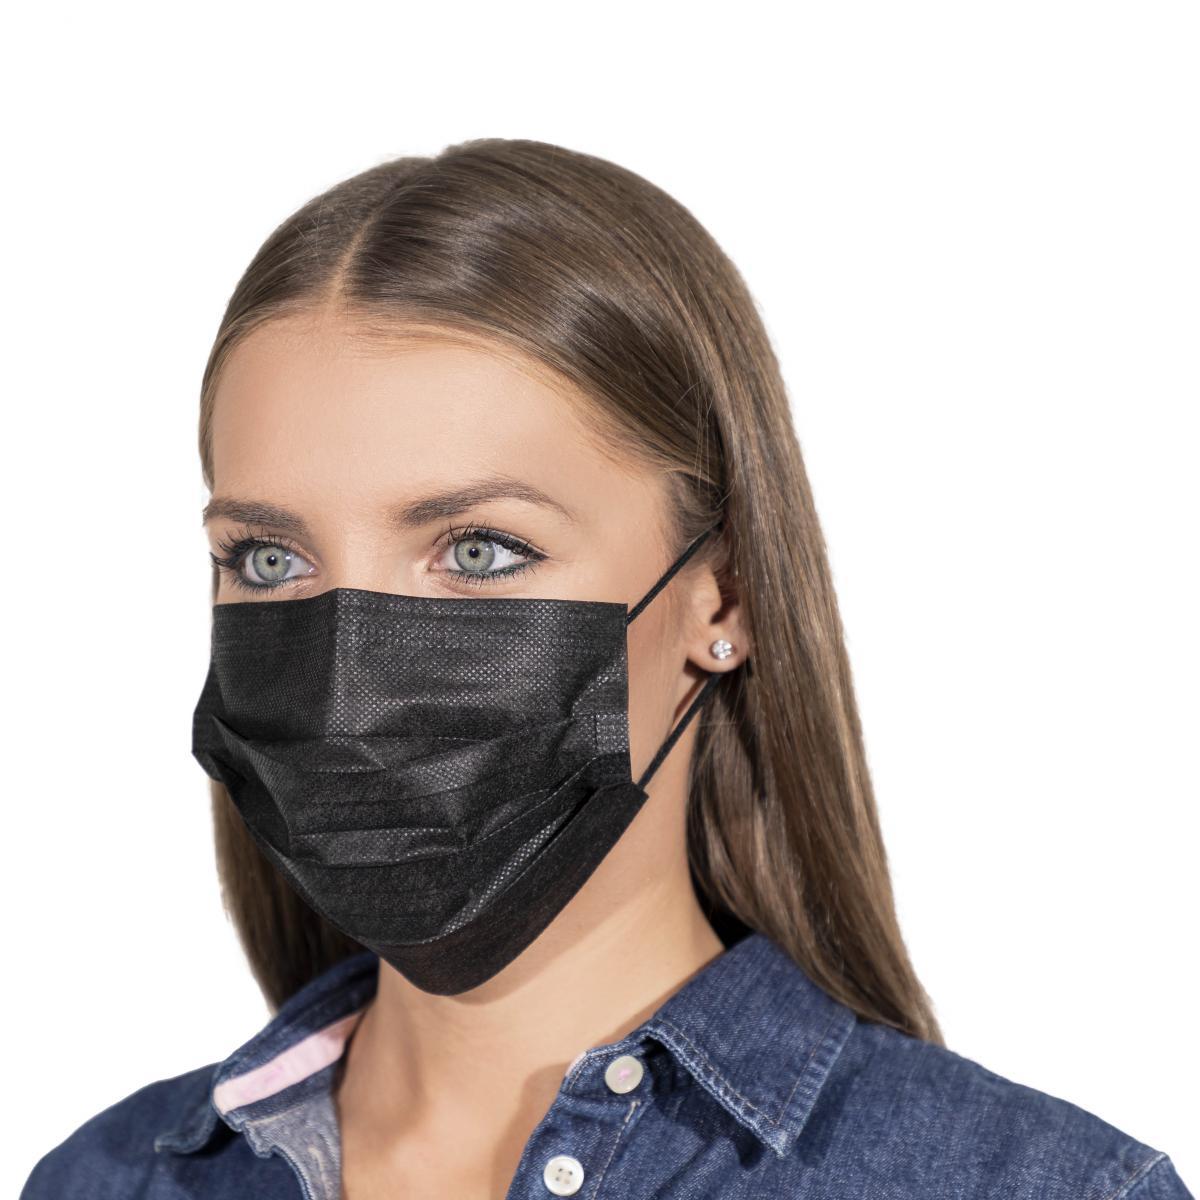 Čierne ochranné rúško na ústa chirurgické certifikované – 50 ks